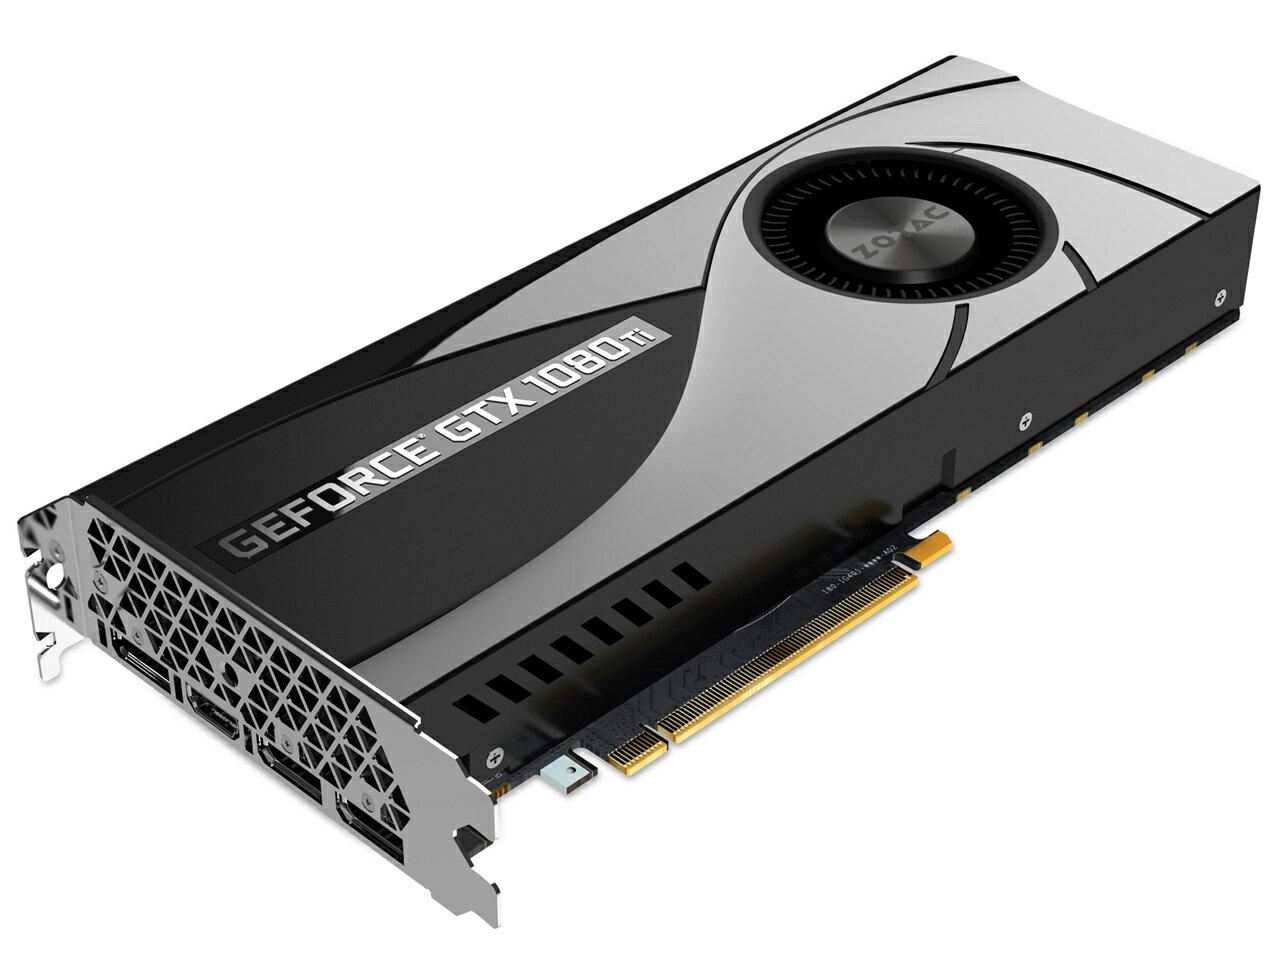 【中古】 ZOTAC GeForce GTX1080Ti Blower 11GB ZT-P10810B-10B バルク グラフィックボード グラフィックカード グラボ ビデオカード nVIDIA GeForce GTX 1080 Ti